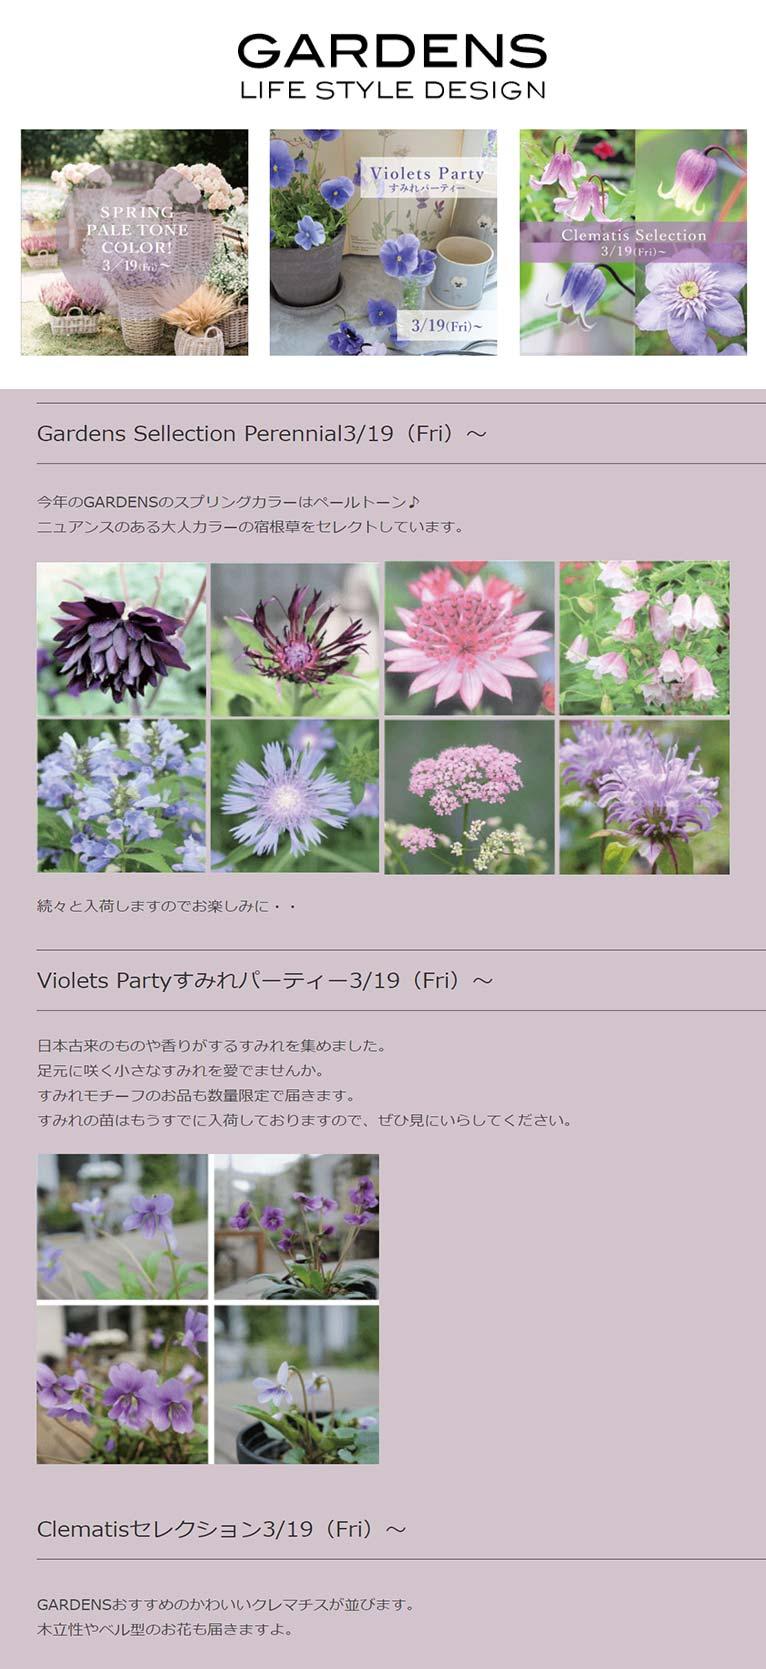 2021年3月19日~ GARDENSイベント 『Gardens Sellection Perennial』『Violets Partyすみれパーティー』『Clematisセレクション』